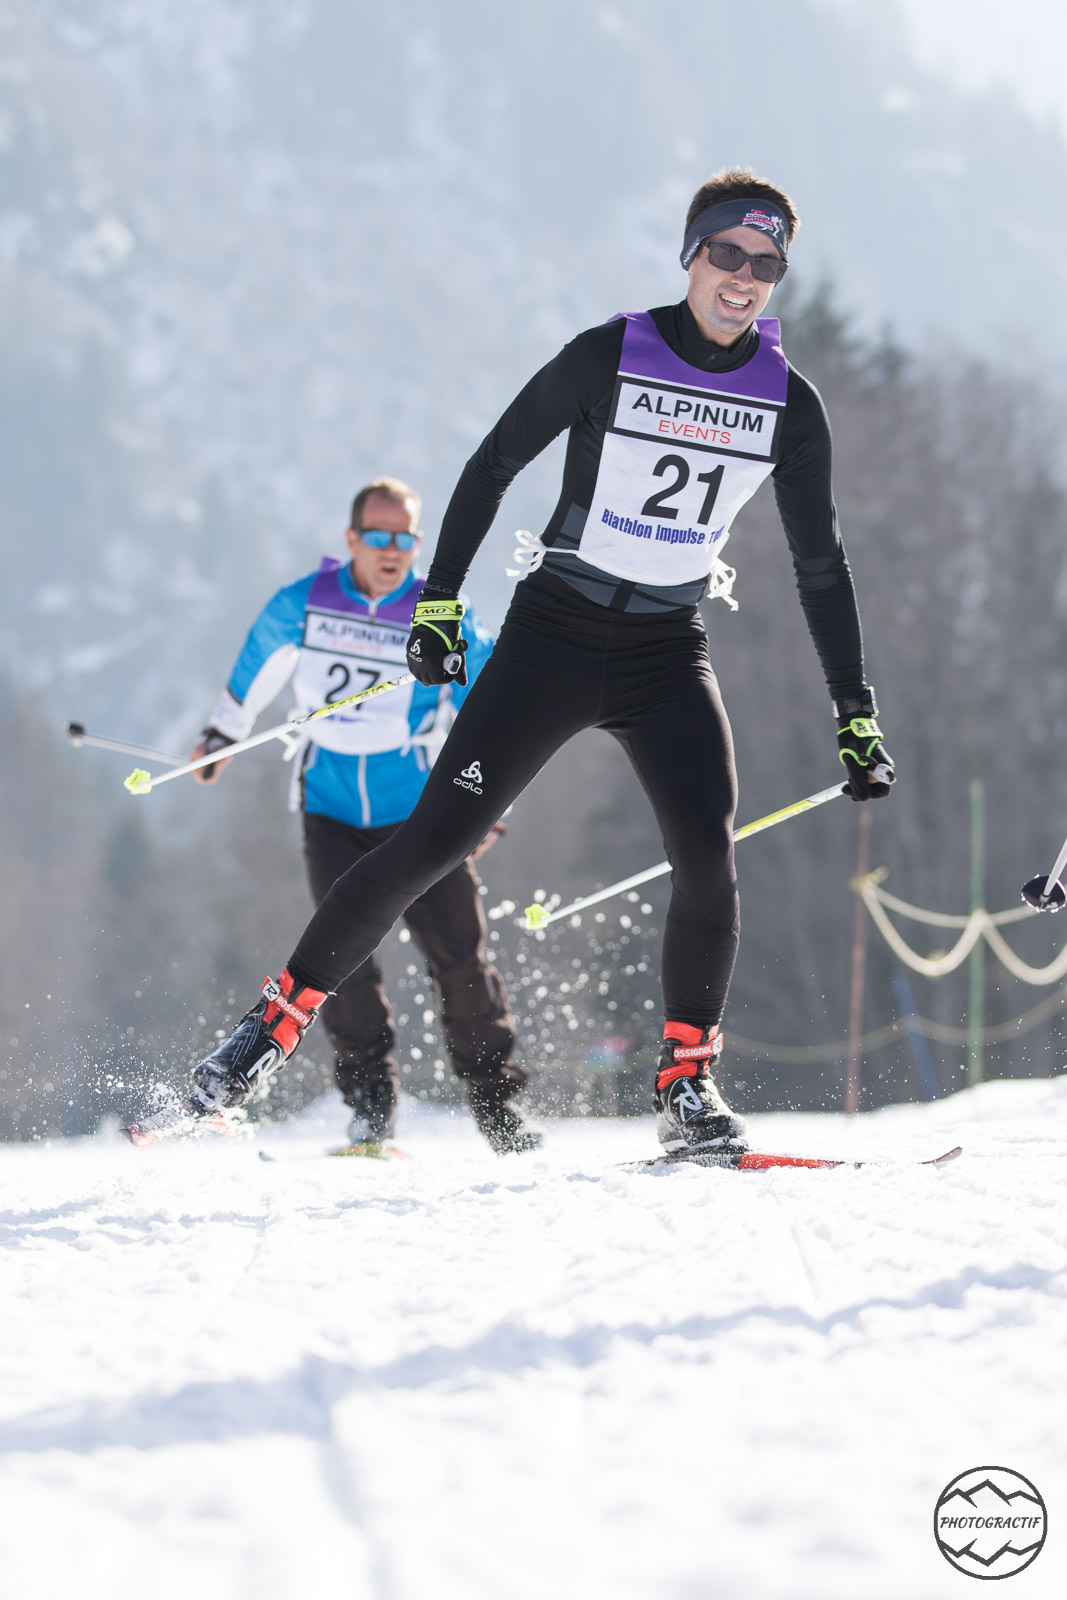 Biathlon Alpinum Les Contamines 2019 (91)